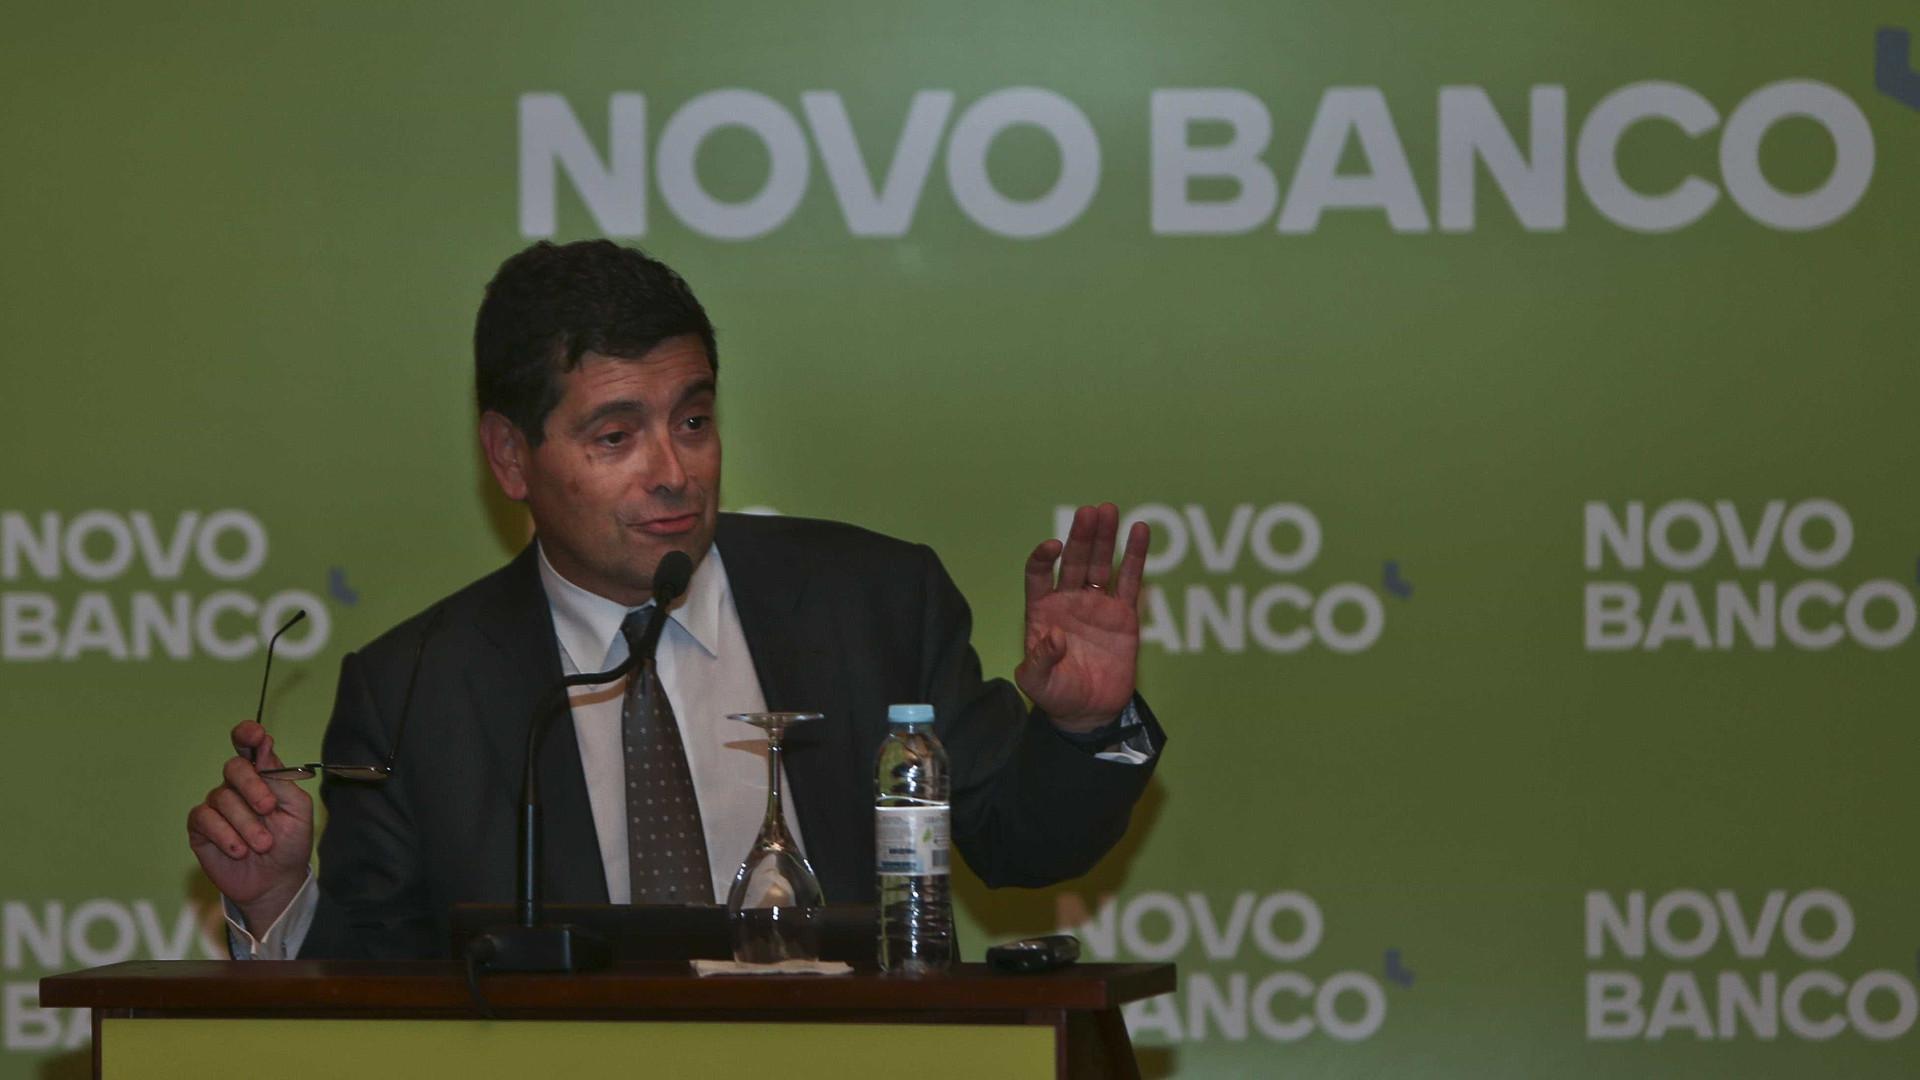 Plano de redução de trabalhadores no Novo Banco está cumprido